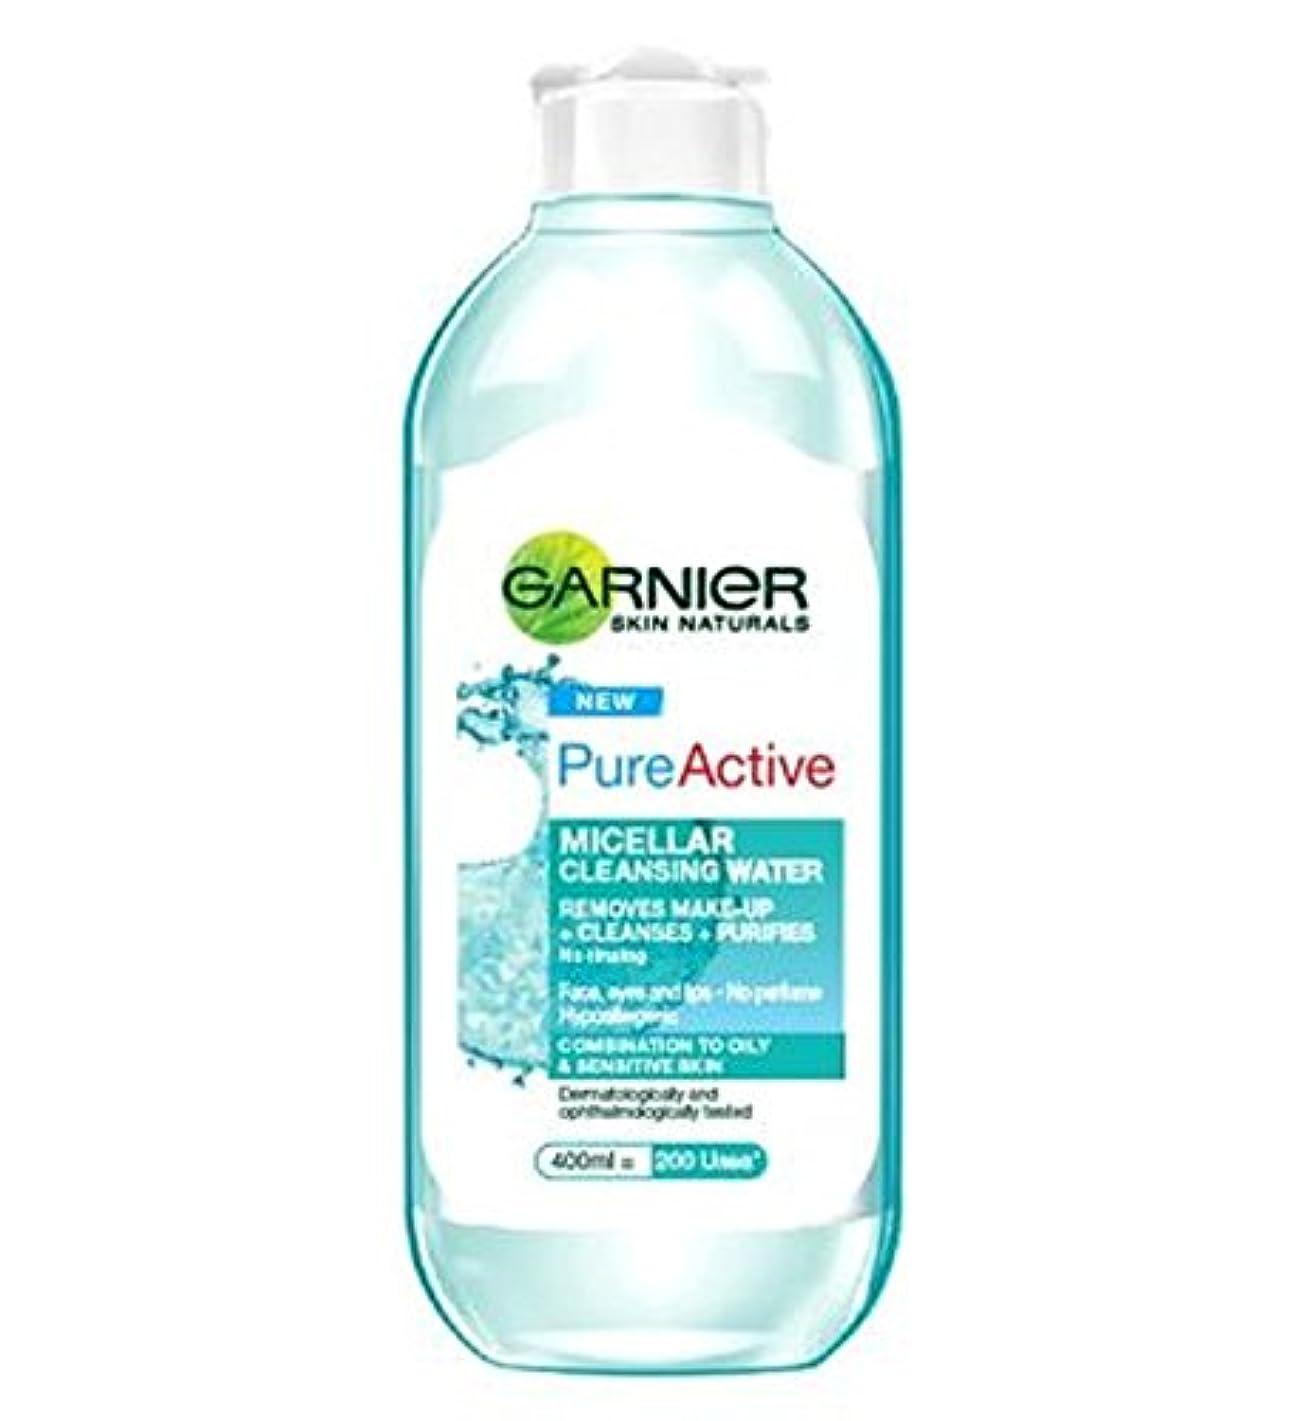 注入する衝突融合Garnier Pure Micellar Cleansing Water 400ml - ガルニエ純粋なミセル洗浄水400ミリリットル (Garnier) [並行輸入品]